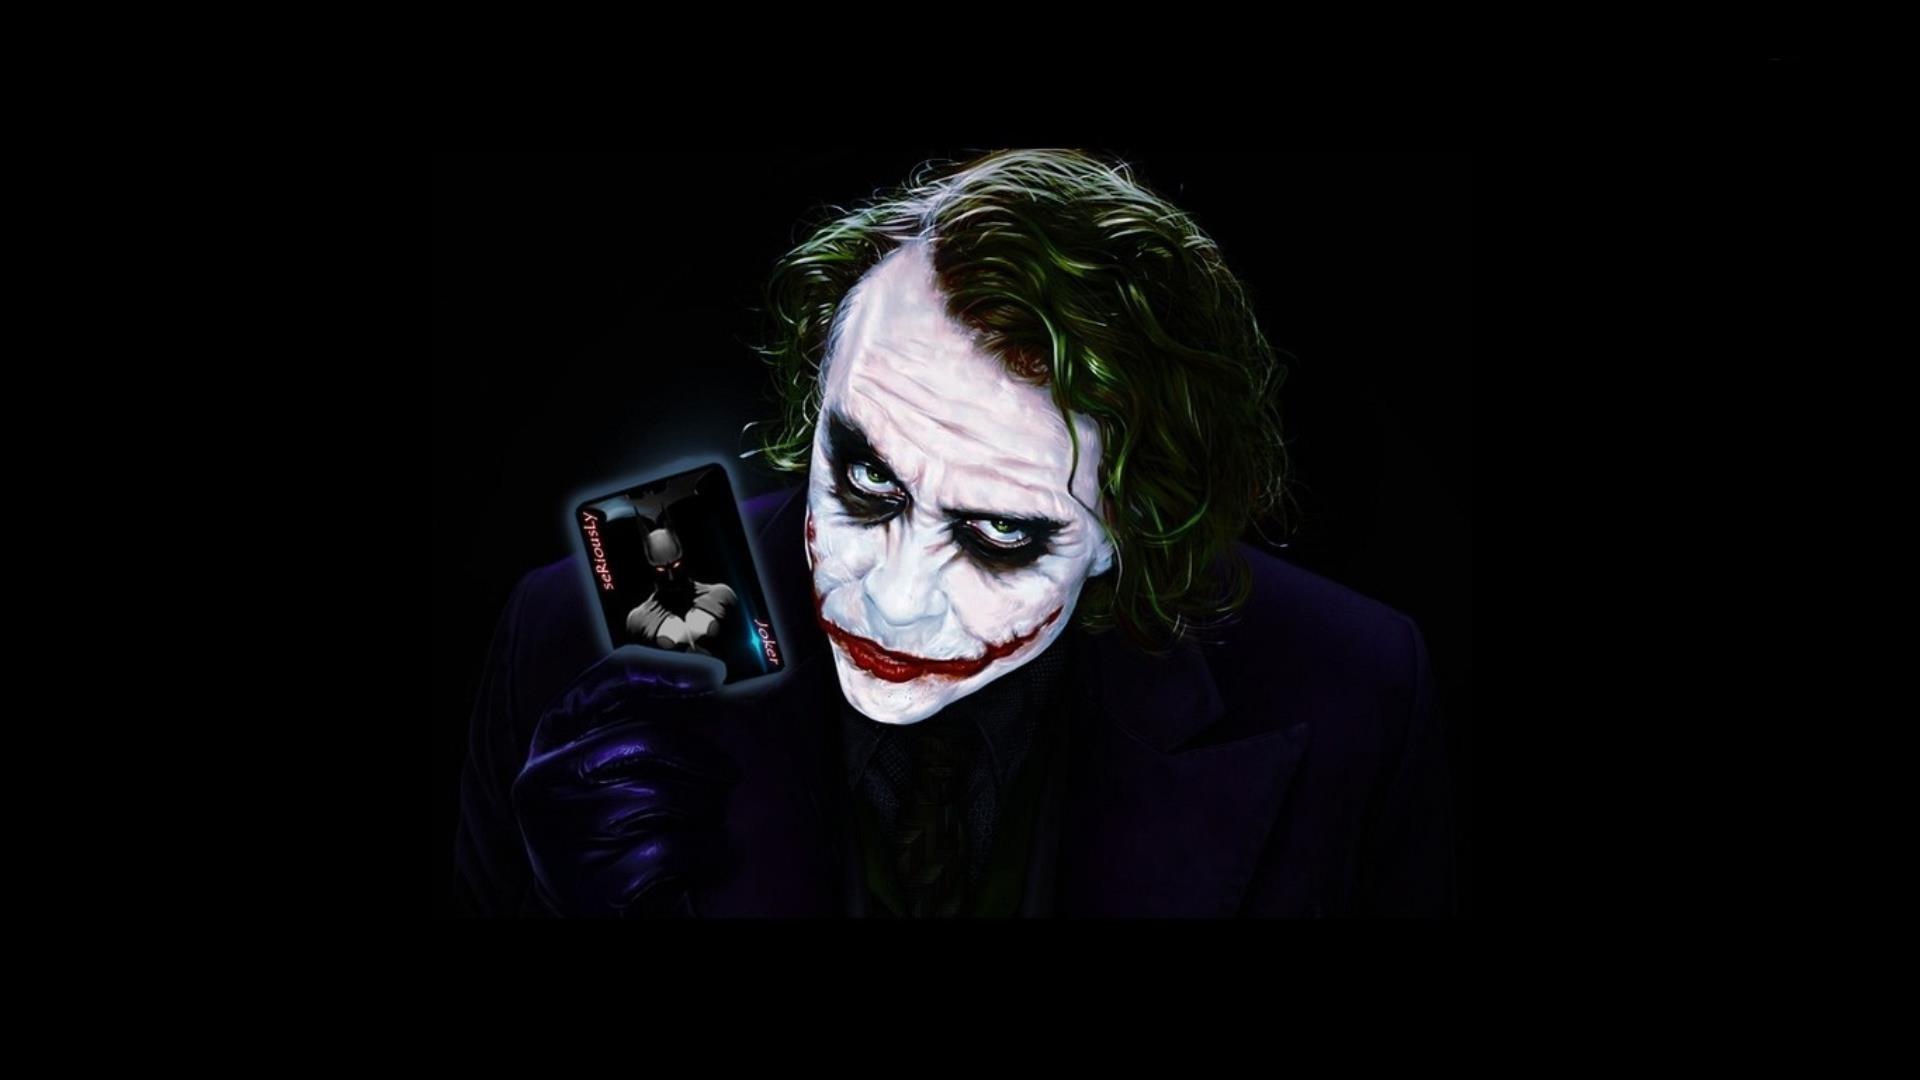 Data Src Joker Dark Knight Wallpaper Windows 10 - Batman The Dark Knight Wallpaper Joker - HD Wallpaper